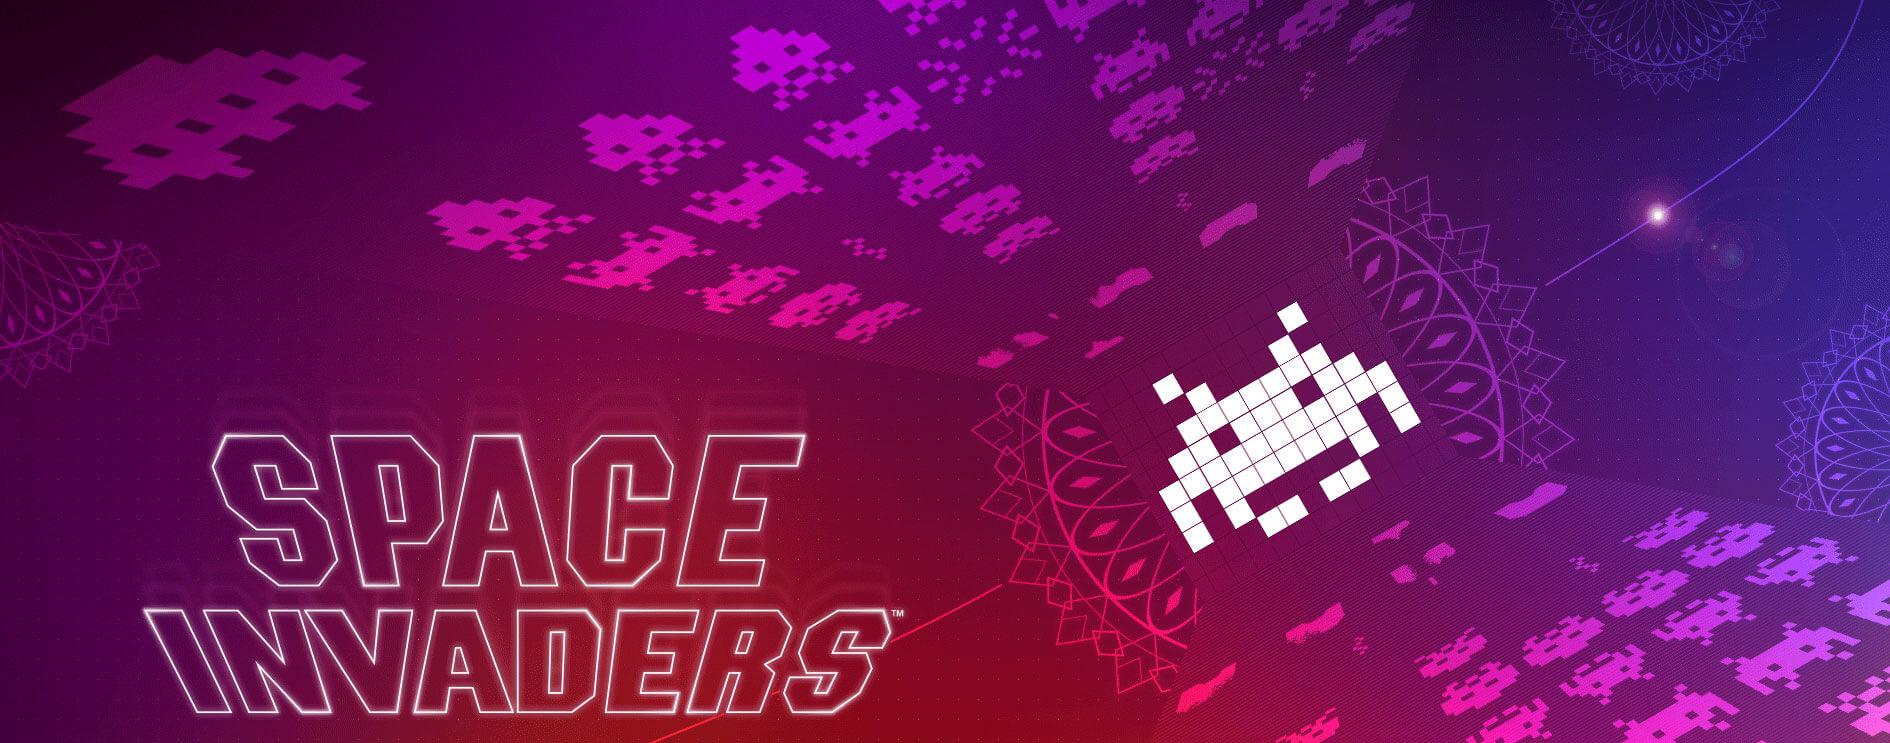 Space Invaders AR: Game verknüpft mit der Realität